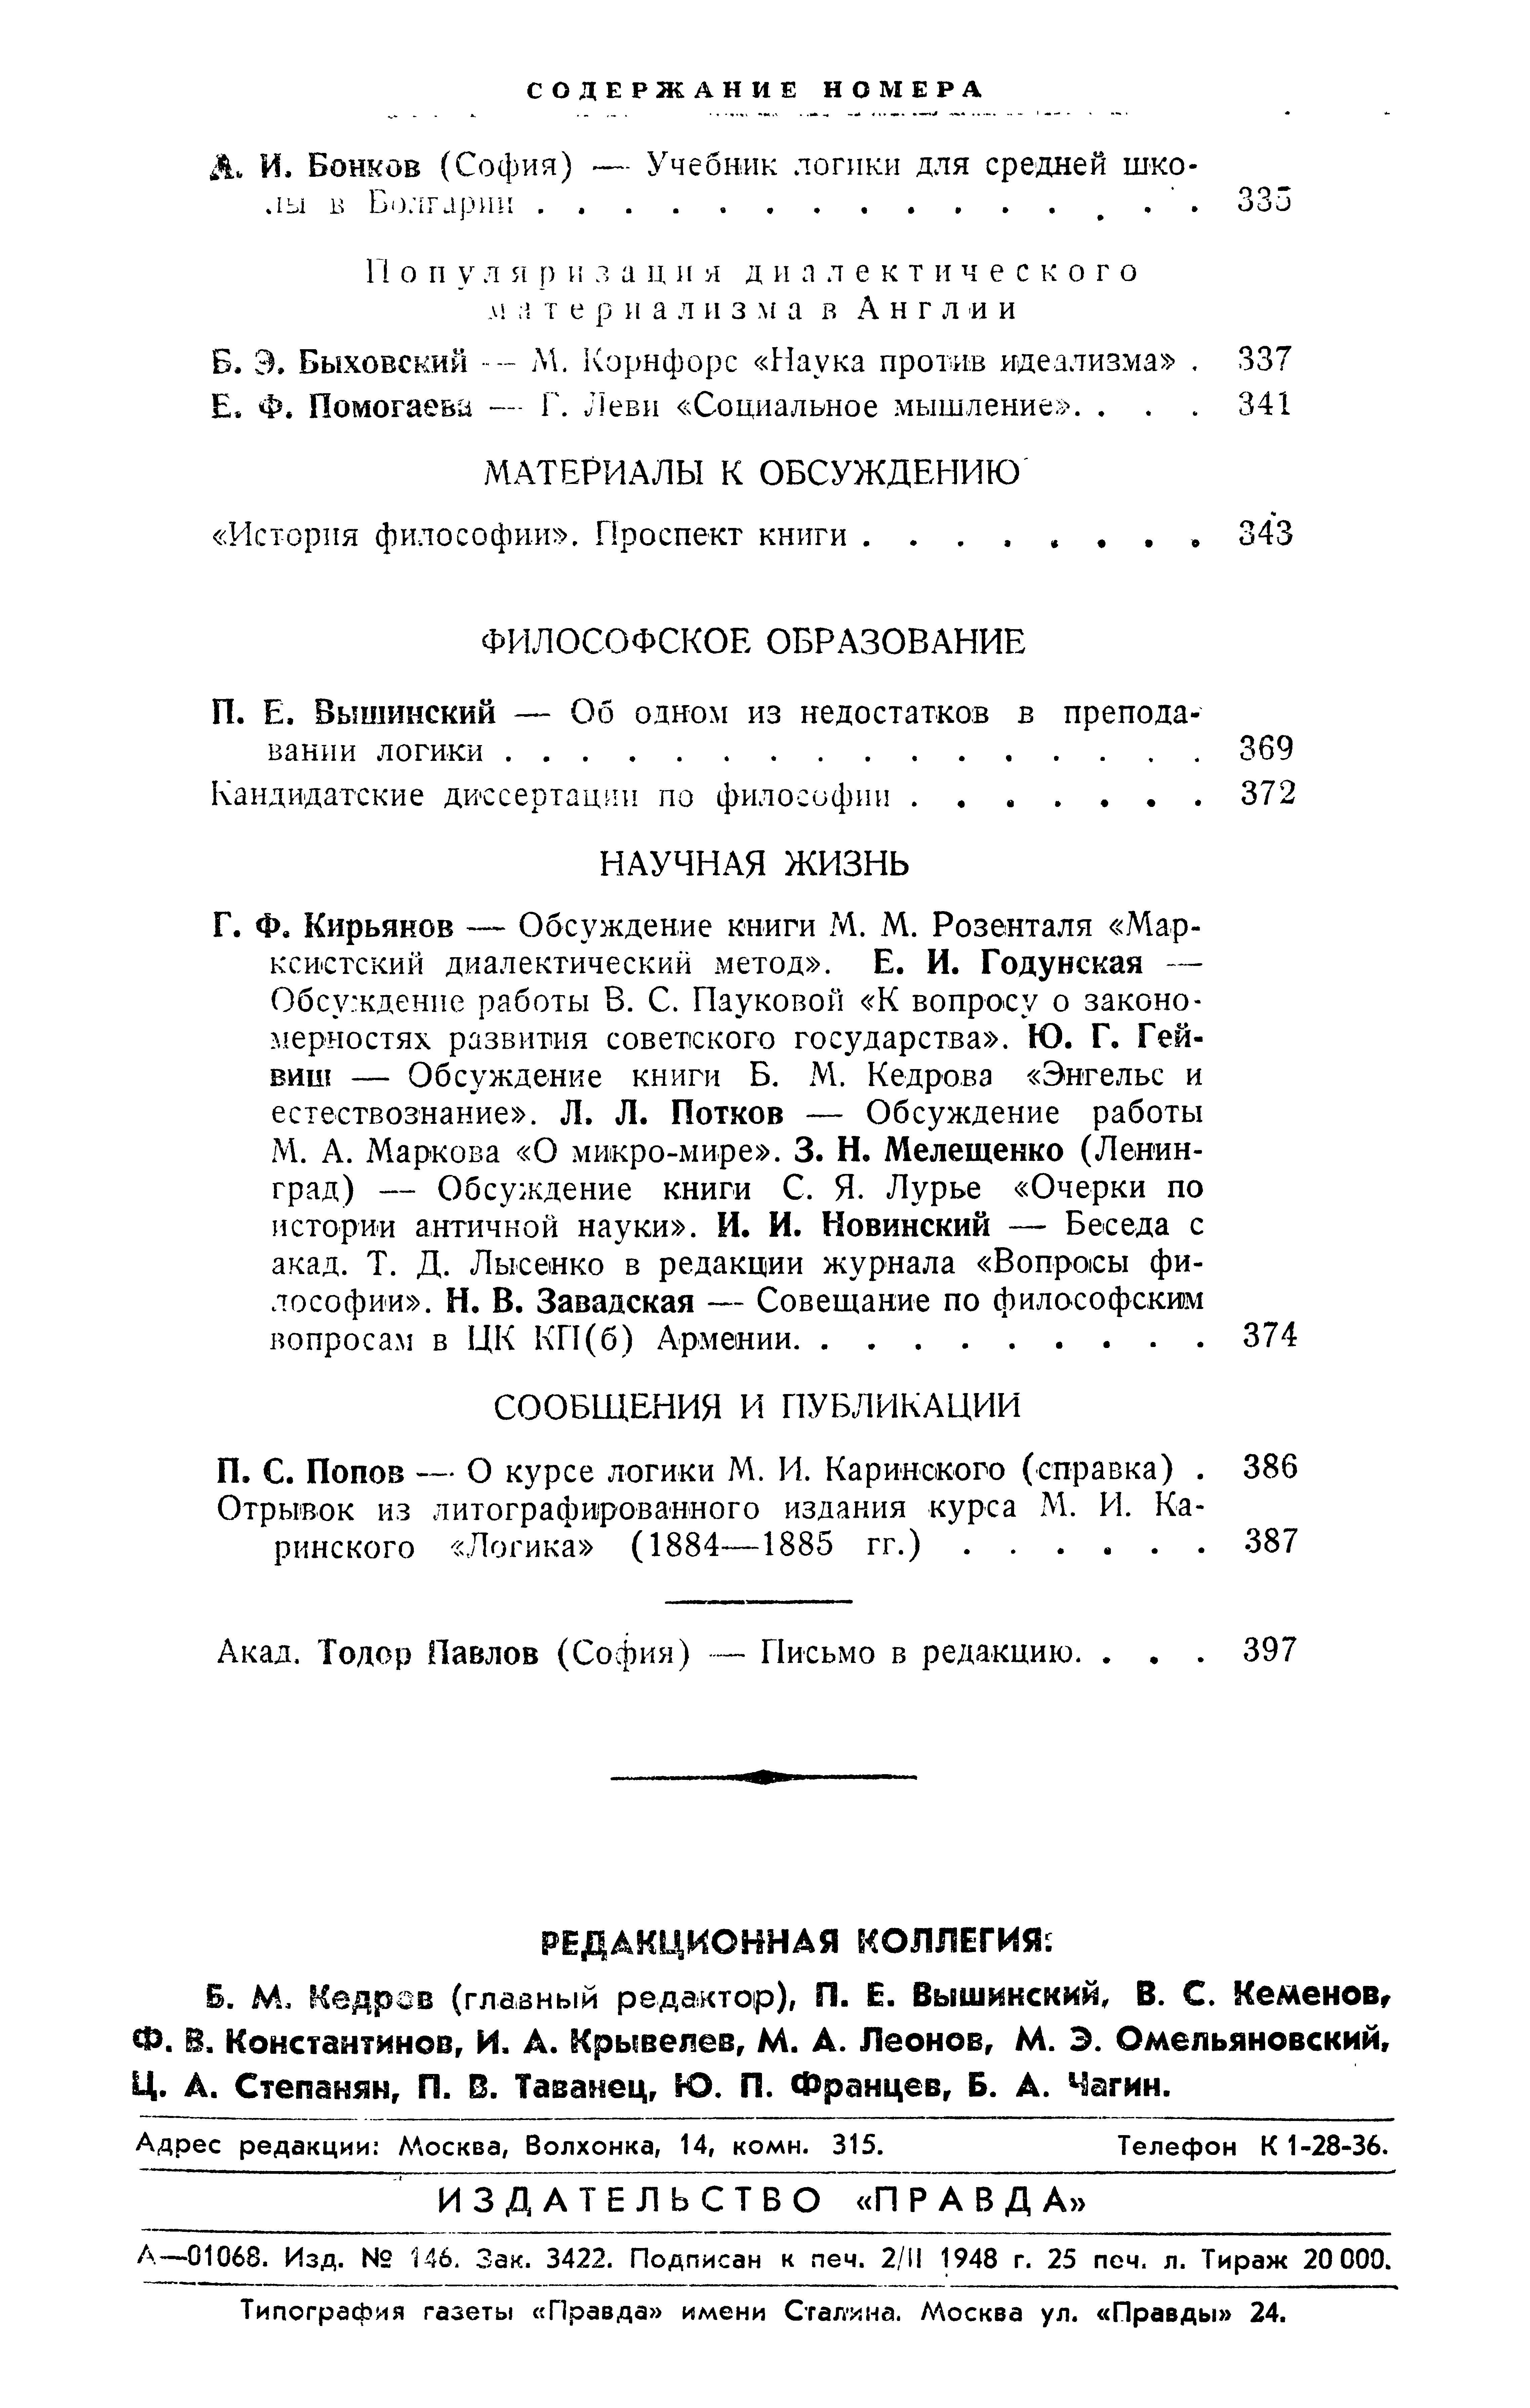 ВФ №2-1947_405